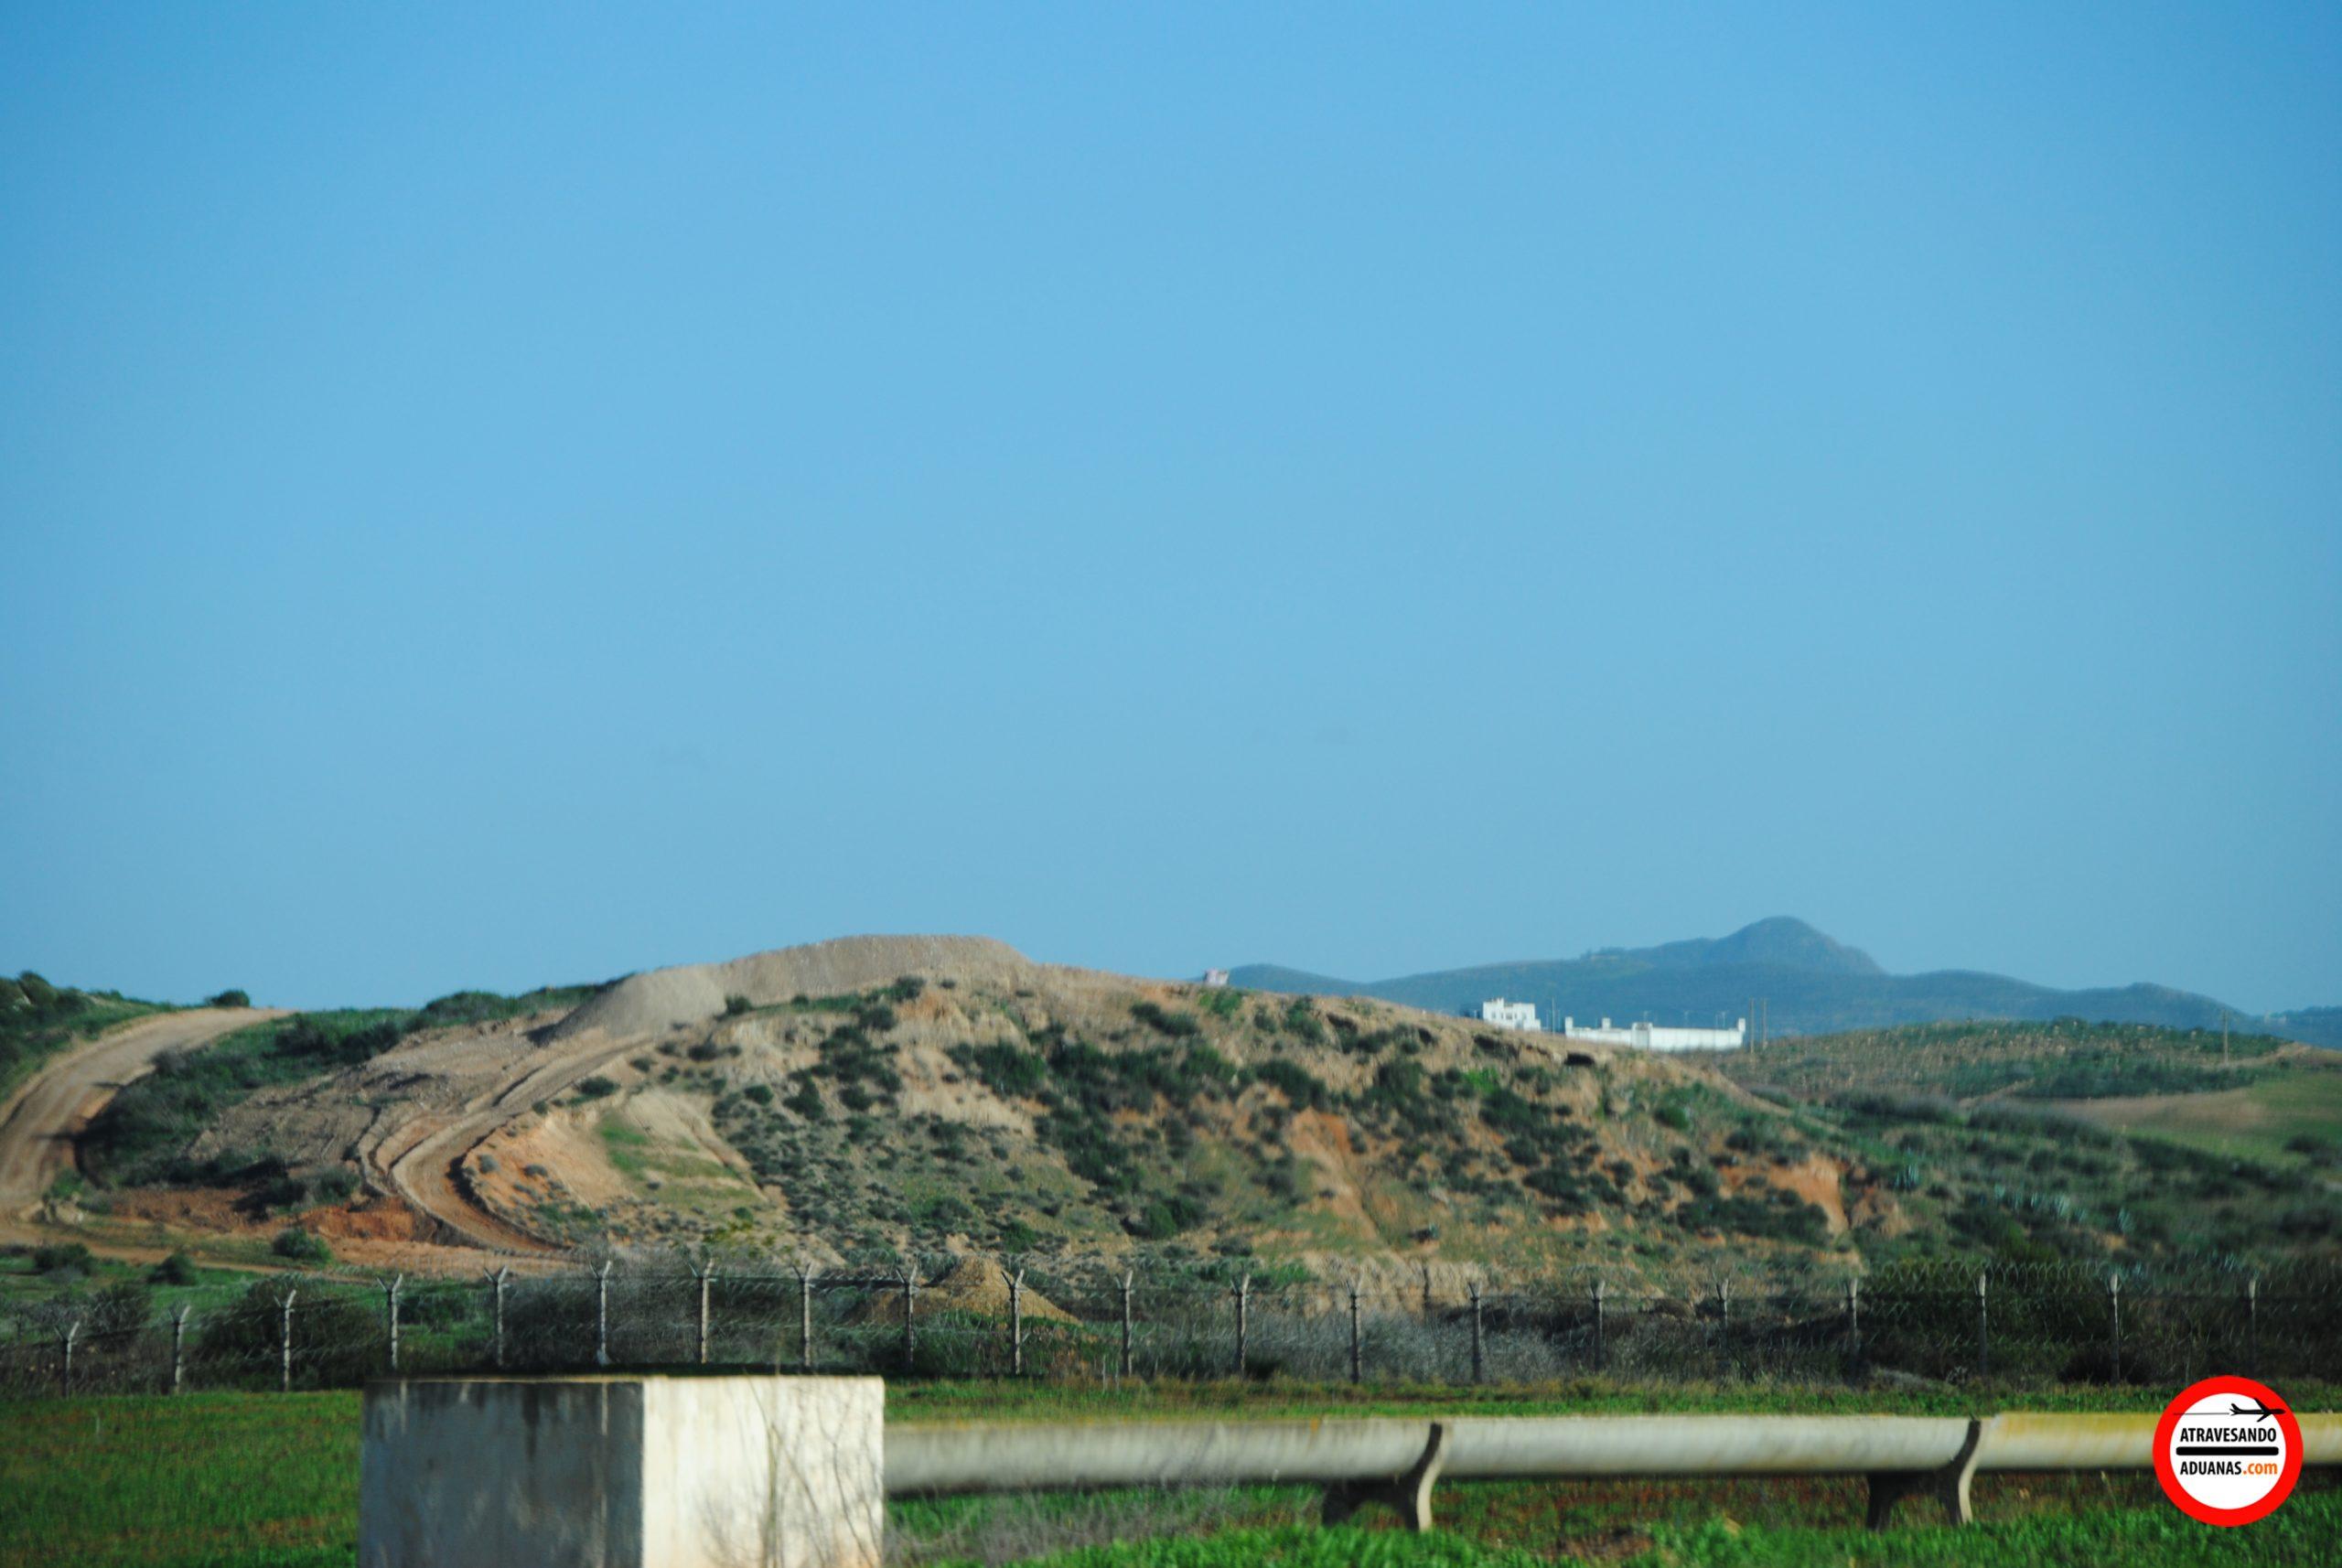 fortaleza argelina más allá de la frontera